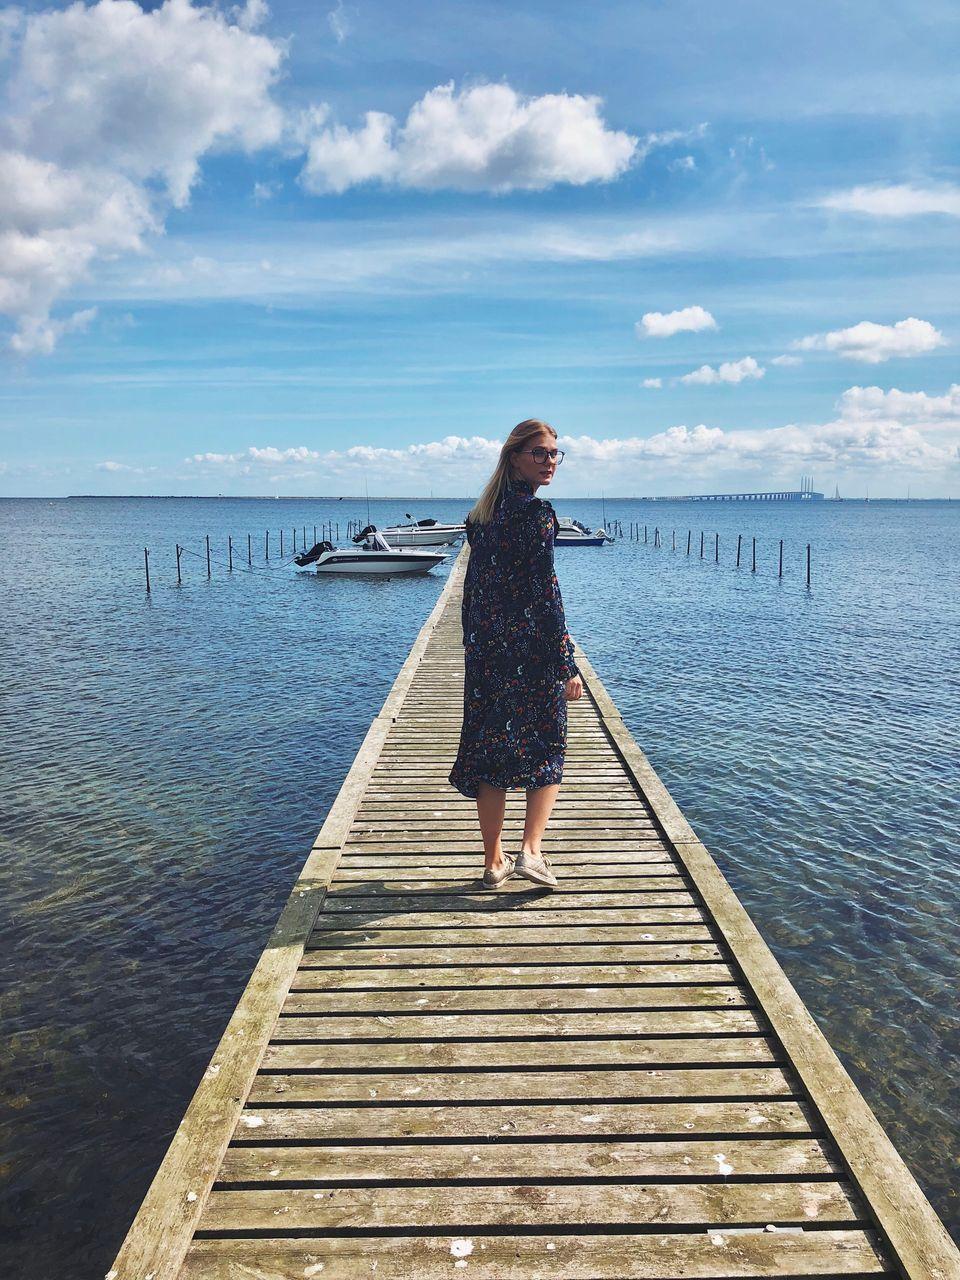 Full length of woman walking on pier over lake against sky